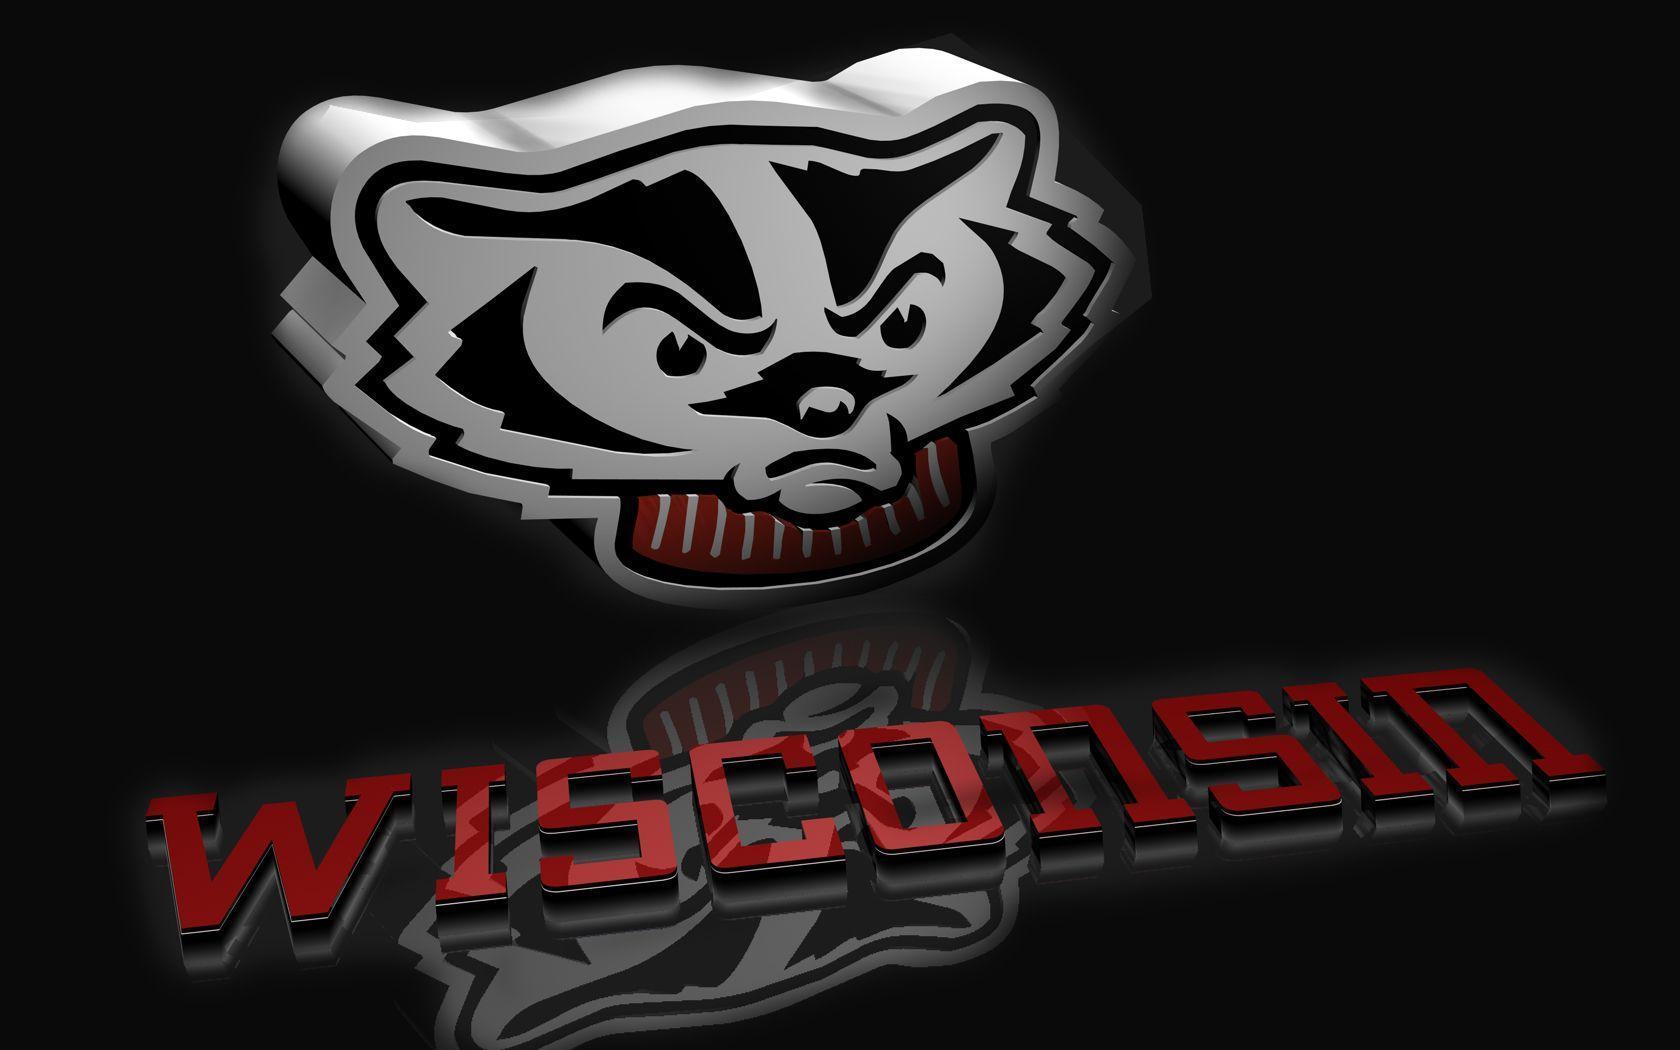 Wisconsin Badger Wallpaper - WallpaperSafari